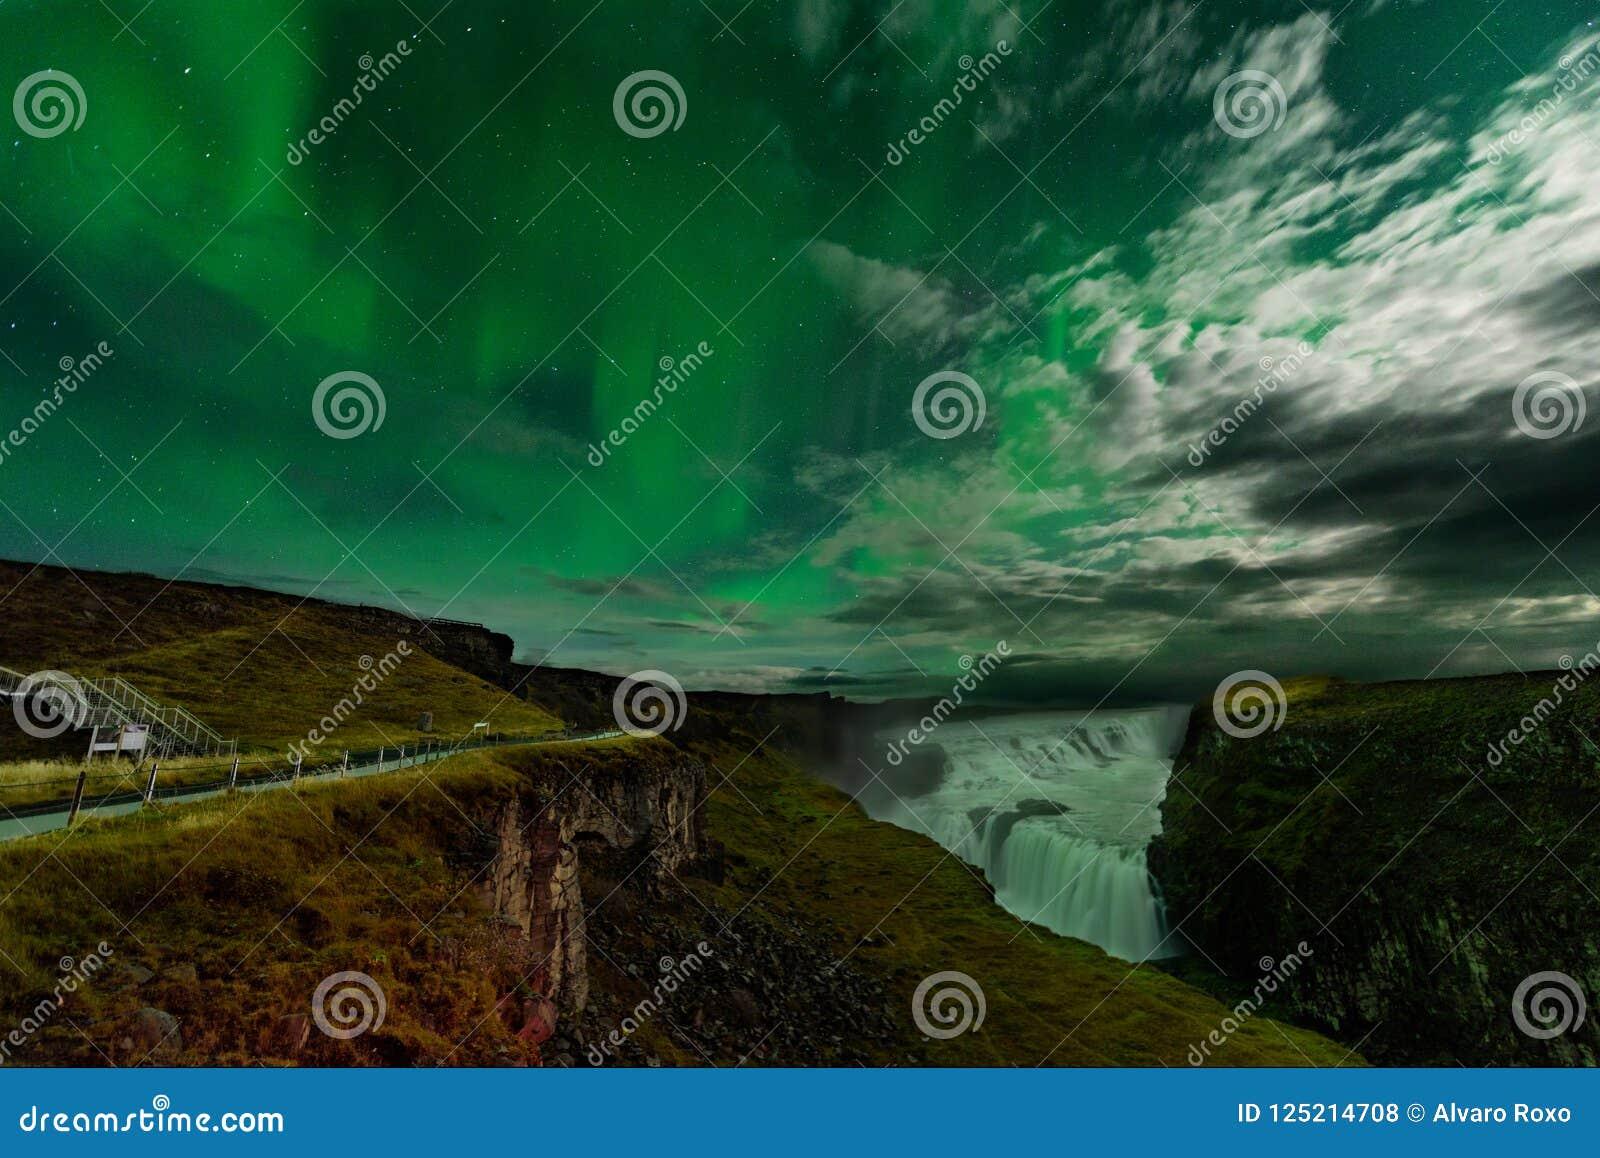 Αυγή Borealis σε μια κατάπληξη nightscape Προορισμός ταξιδιού με το όμορφο τοπίο πράσινων φώτων